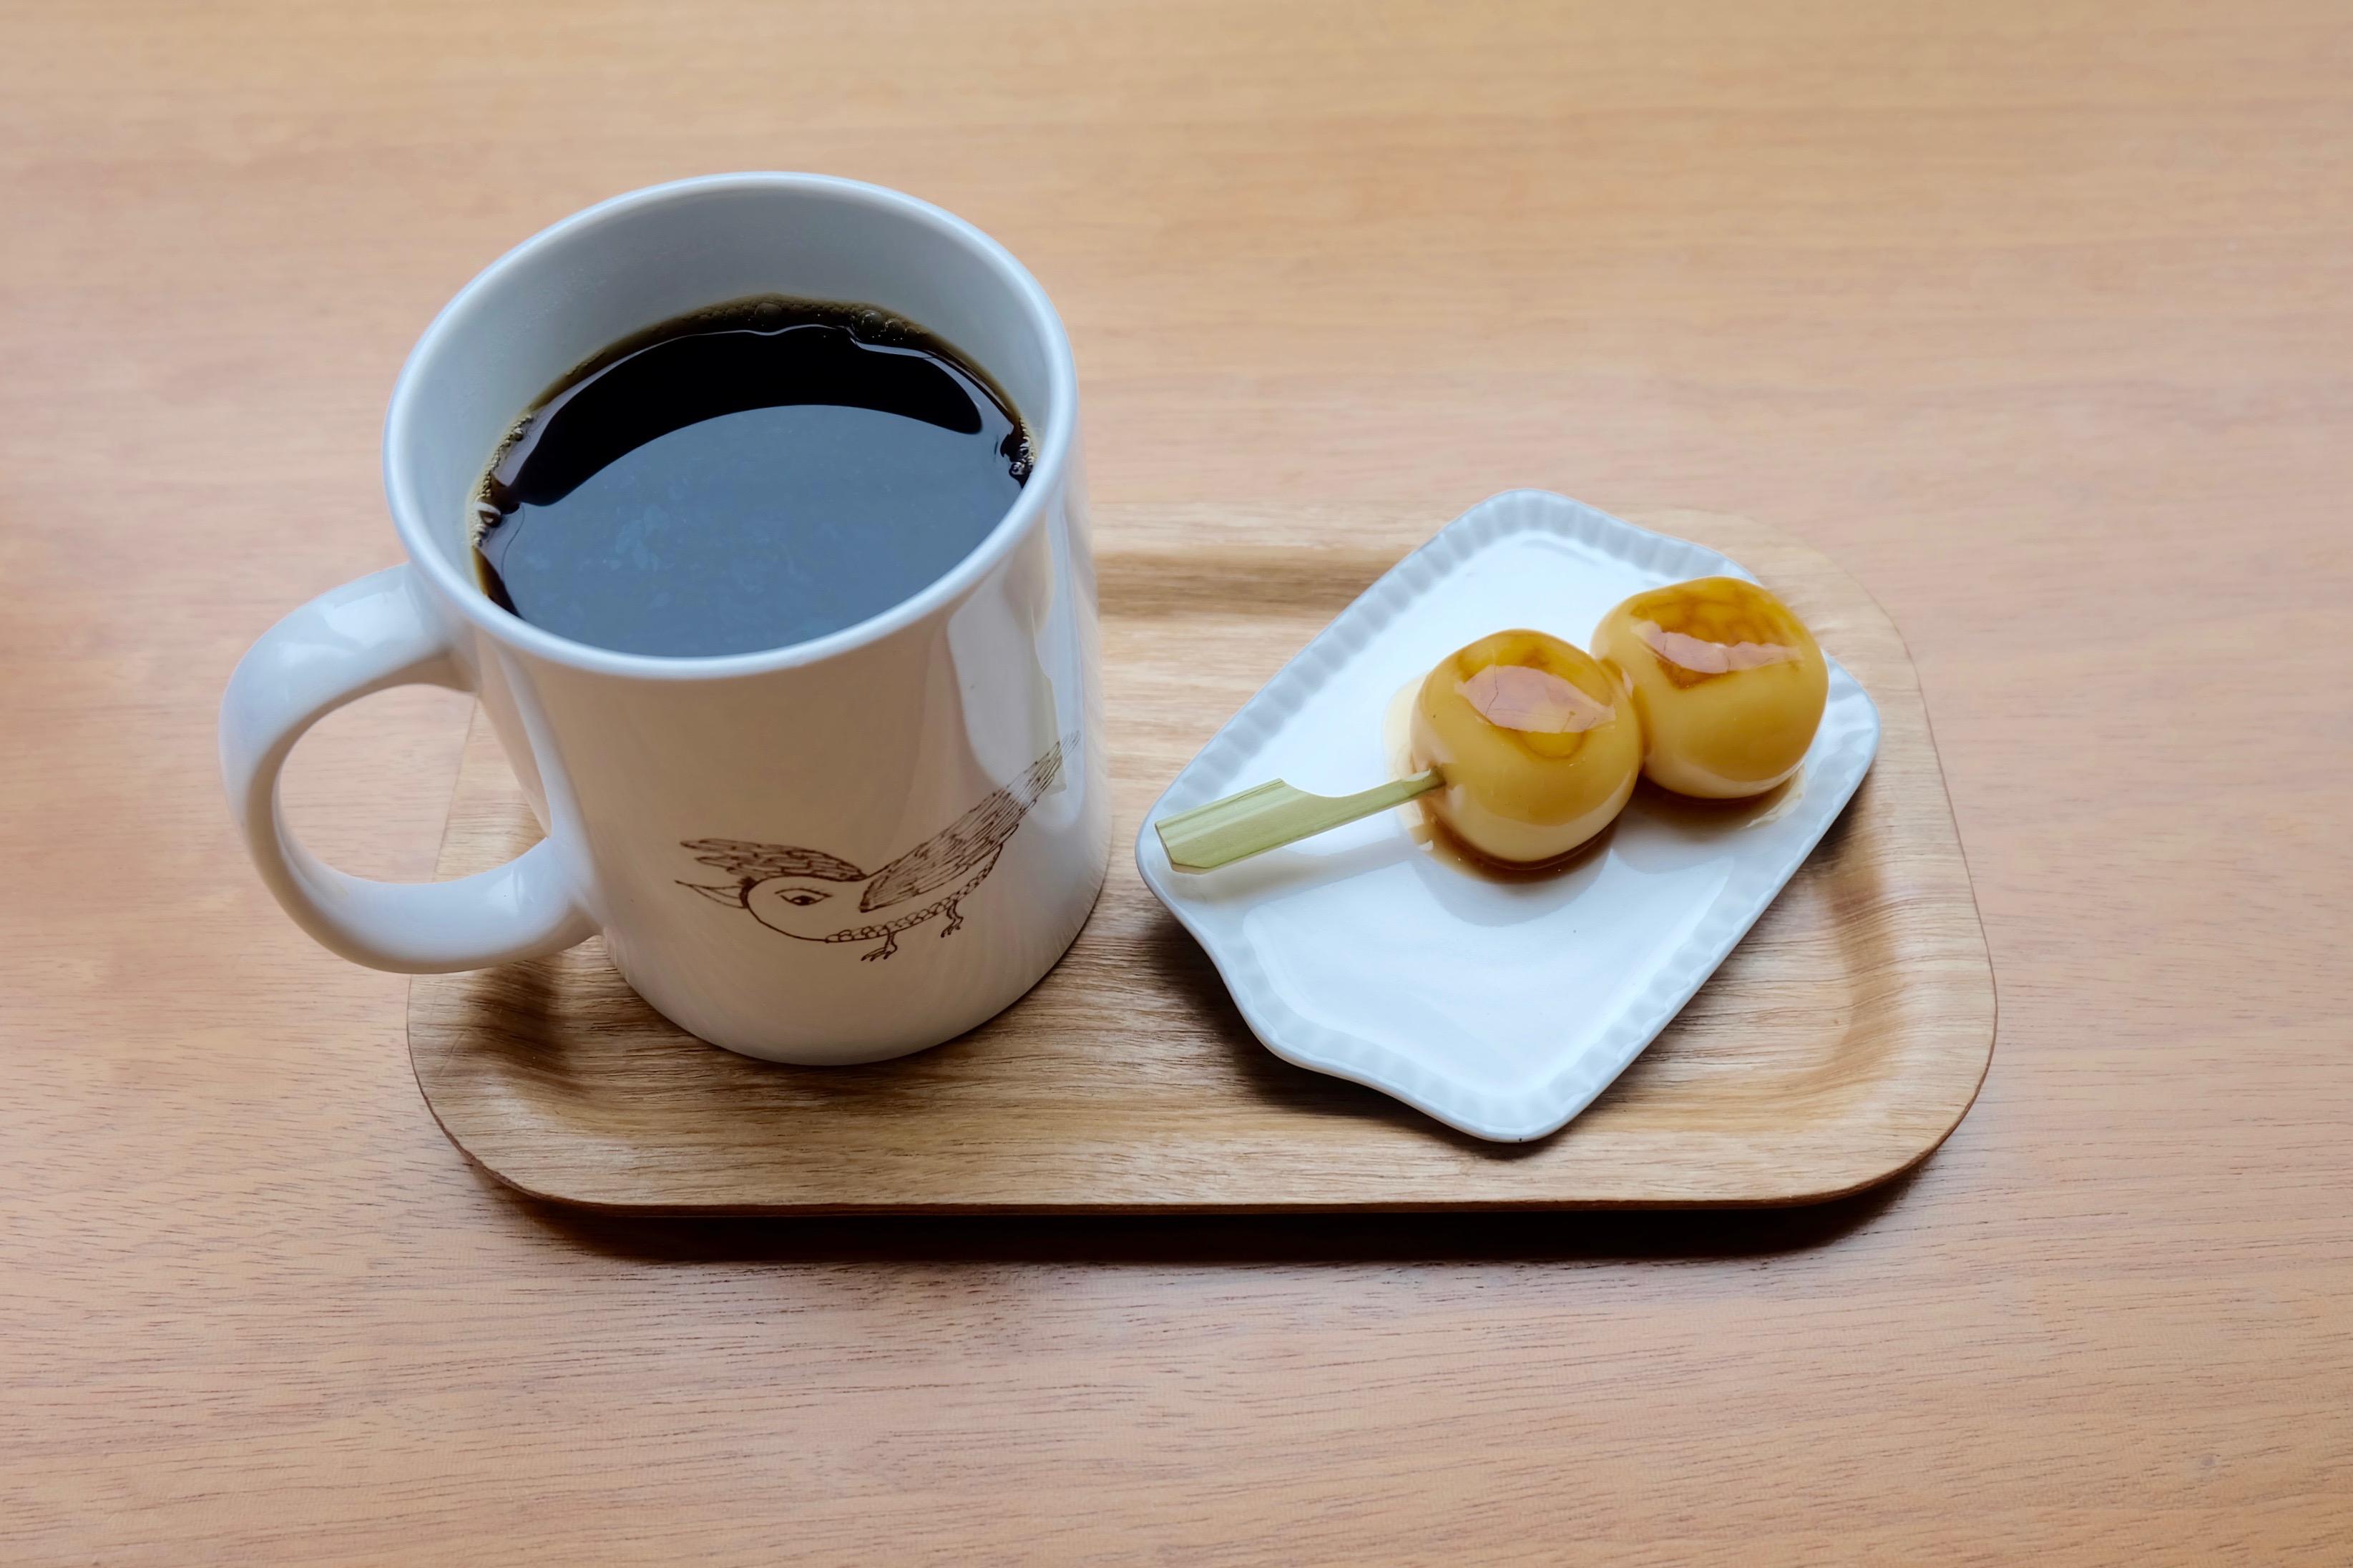 映画でも使用された珈琲「かわせみ」が入ったマグカップにはヨダちゃんのロゴが。お団子には、内藤さんが生み出したイラスト「半吉さん」も。